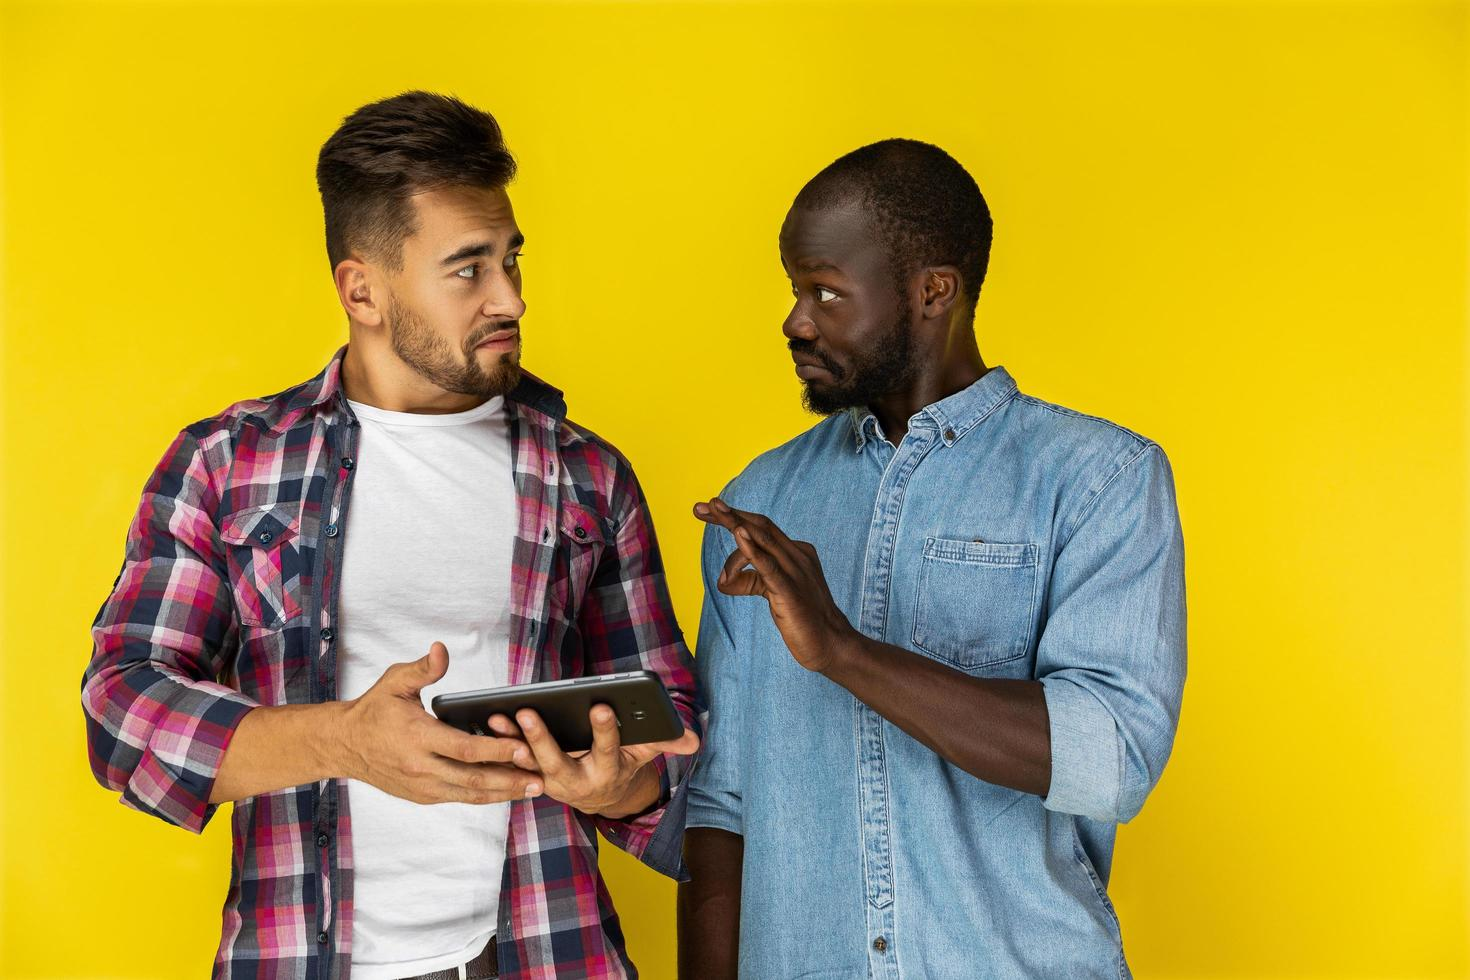 twee jongens praten en houden een tablet vast foto